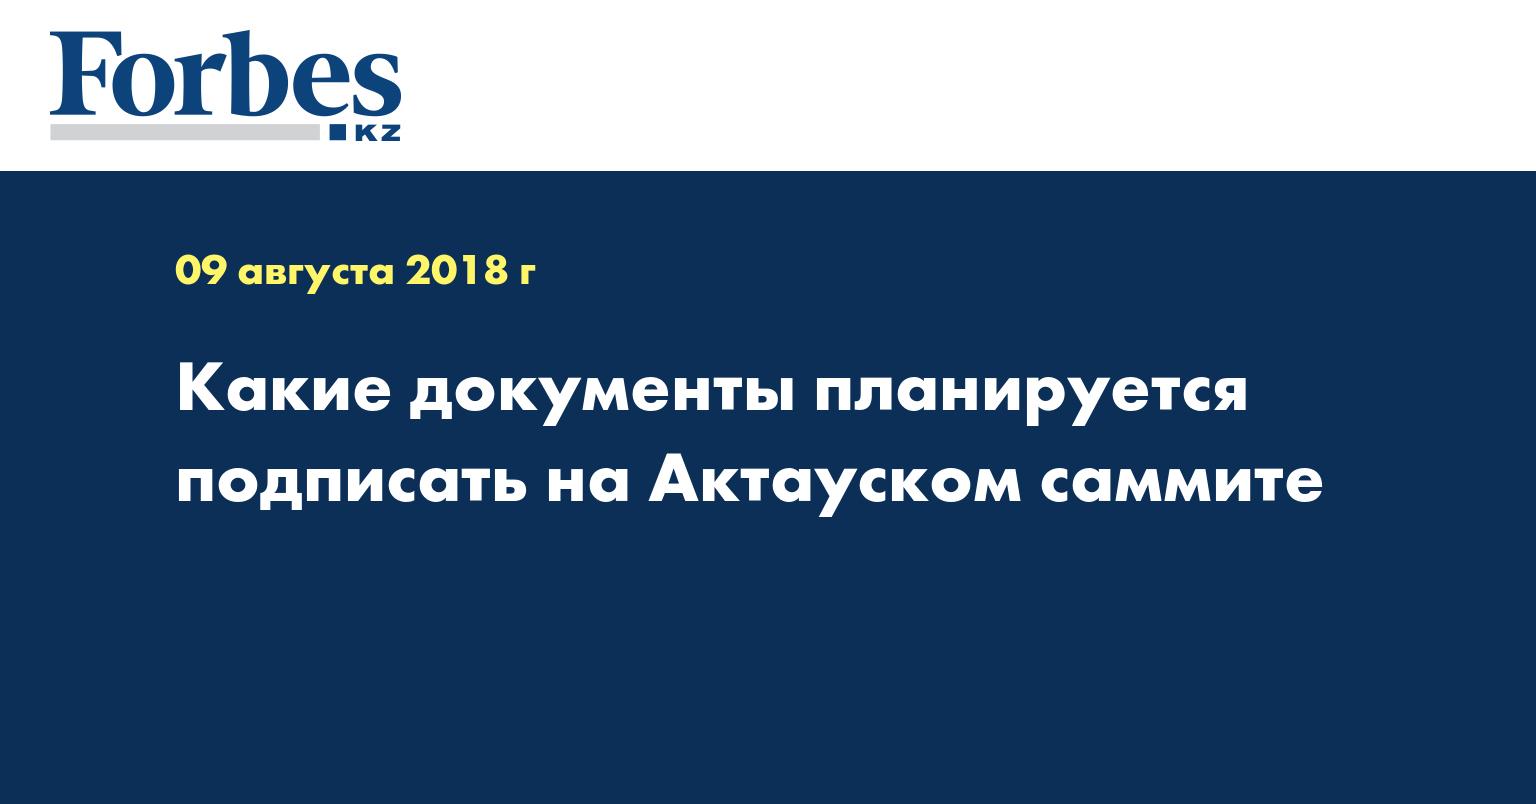 Какие документы планируется подписать на Актауском саммите